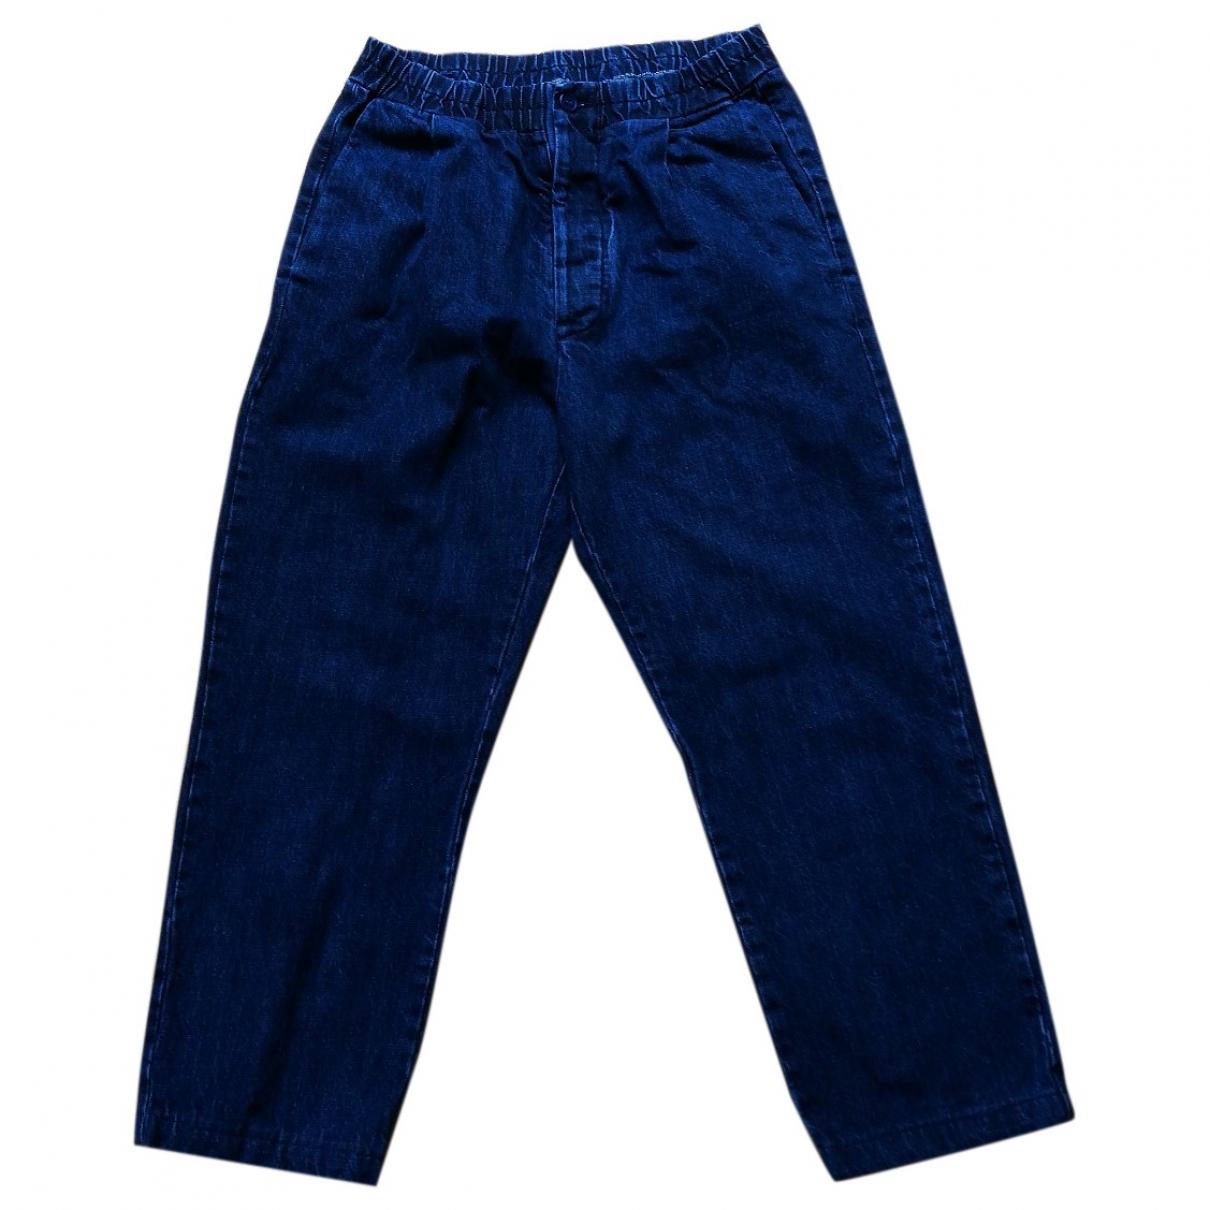 Sunnei \N Blue Denim - Jeans Trousers for Men M International